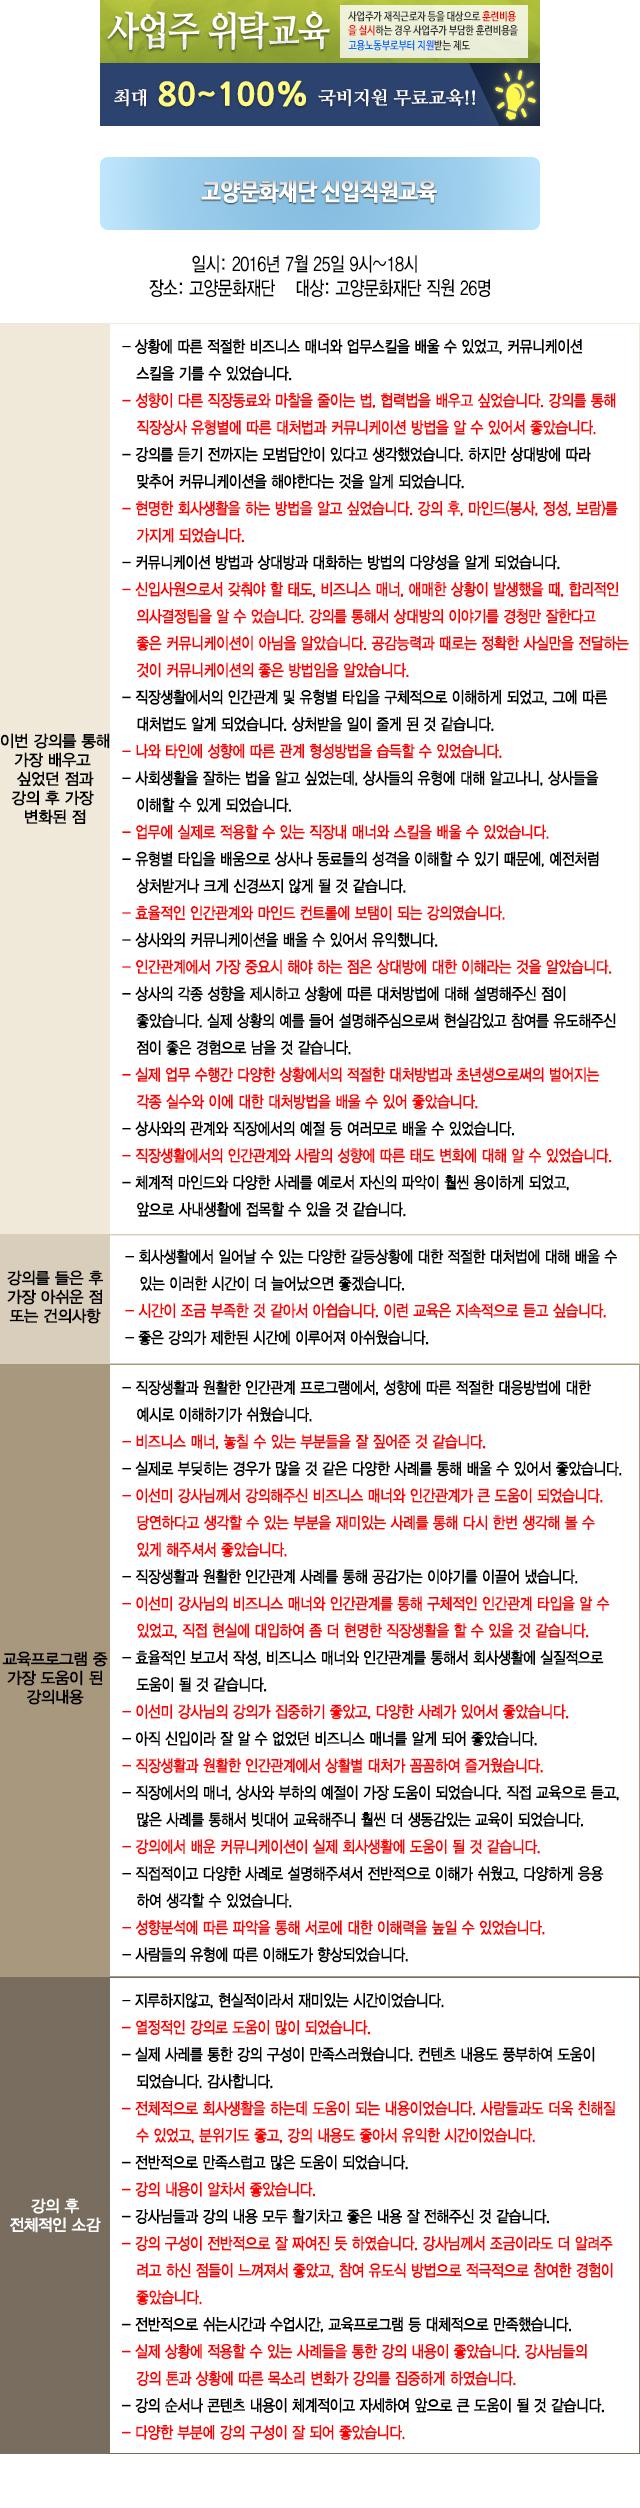 고양문화재단 후기.jpg